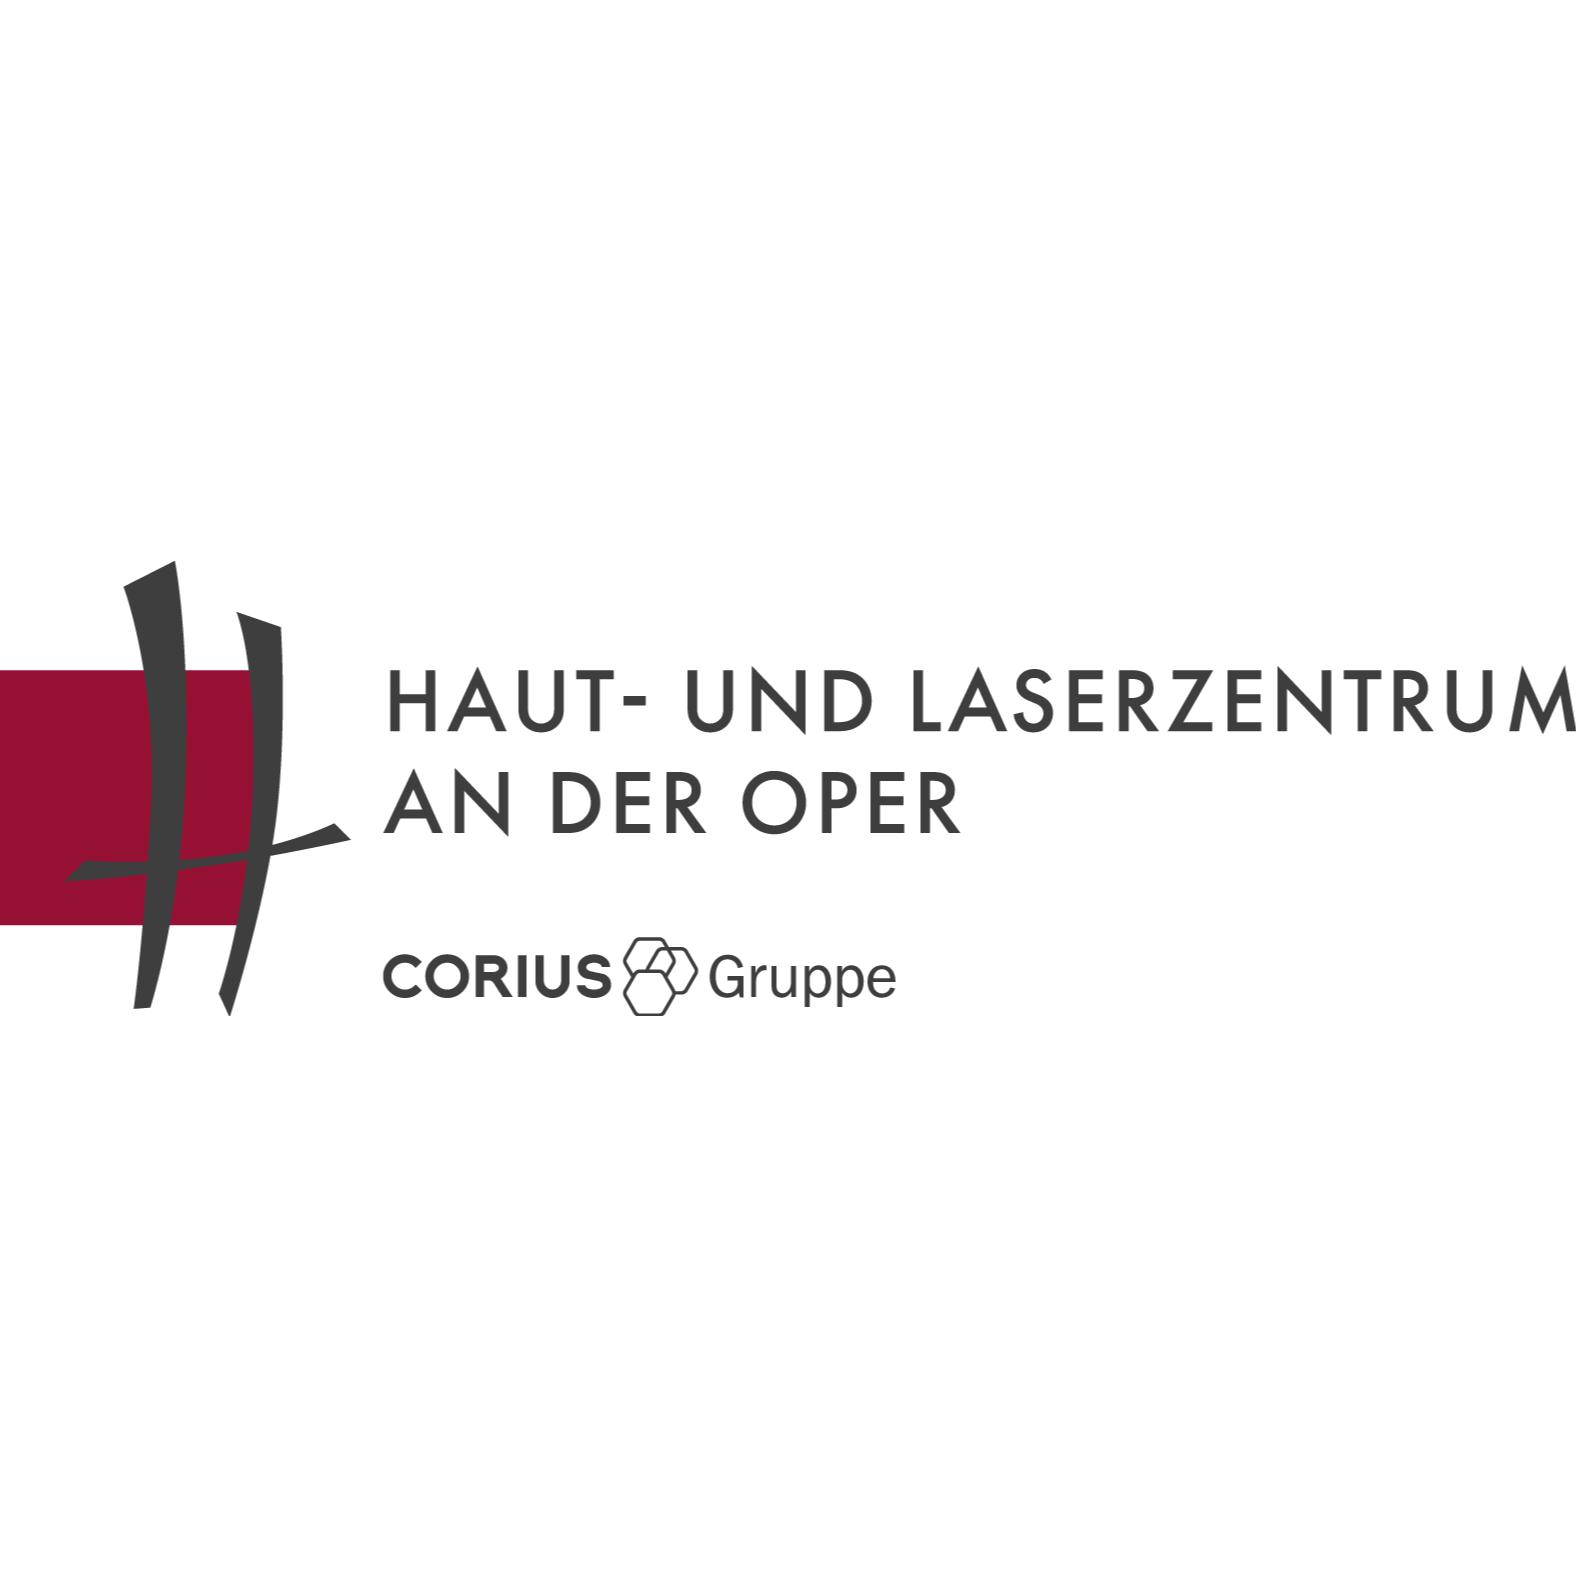 Bild zu Haut- und Laserzentrum an der Oper in München